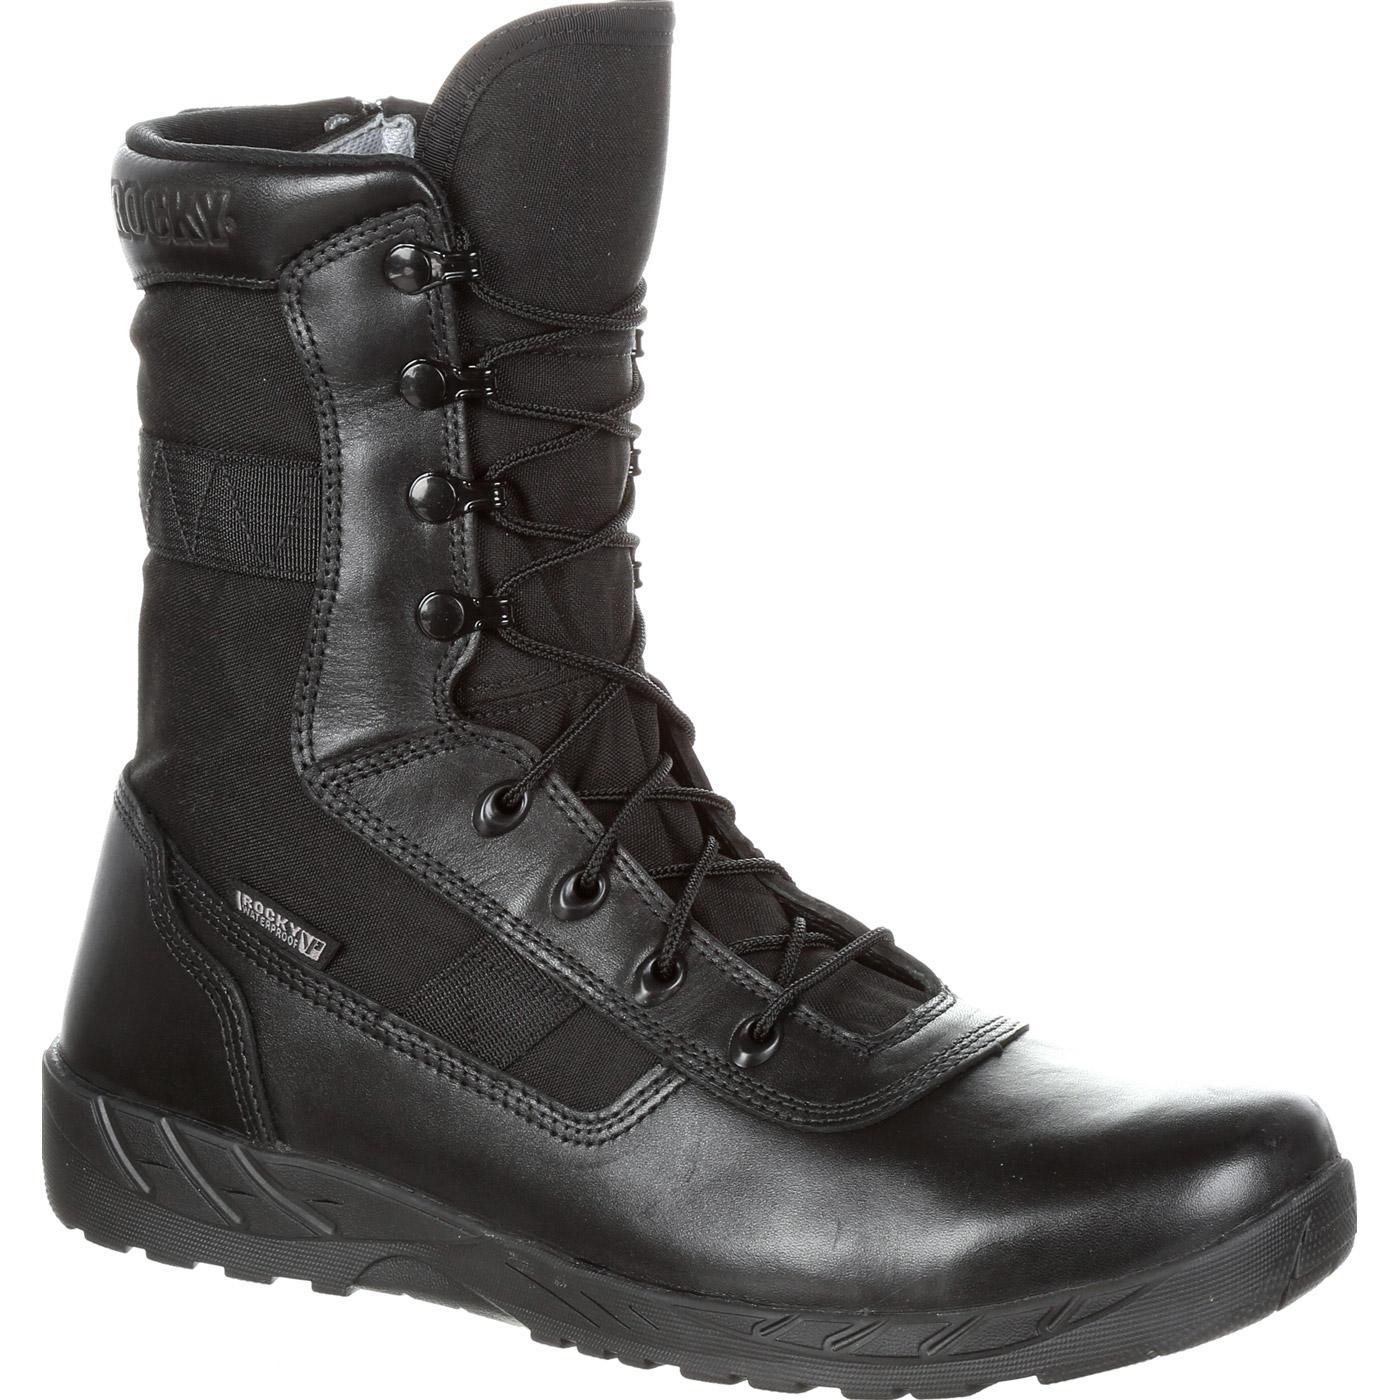 Rocky C7 Zipper Waterproof Black Duty Boots, RKD0036